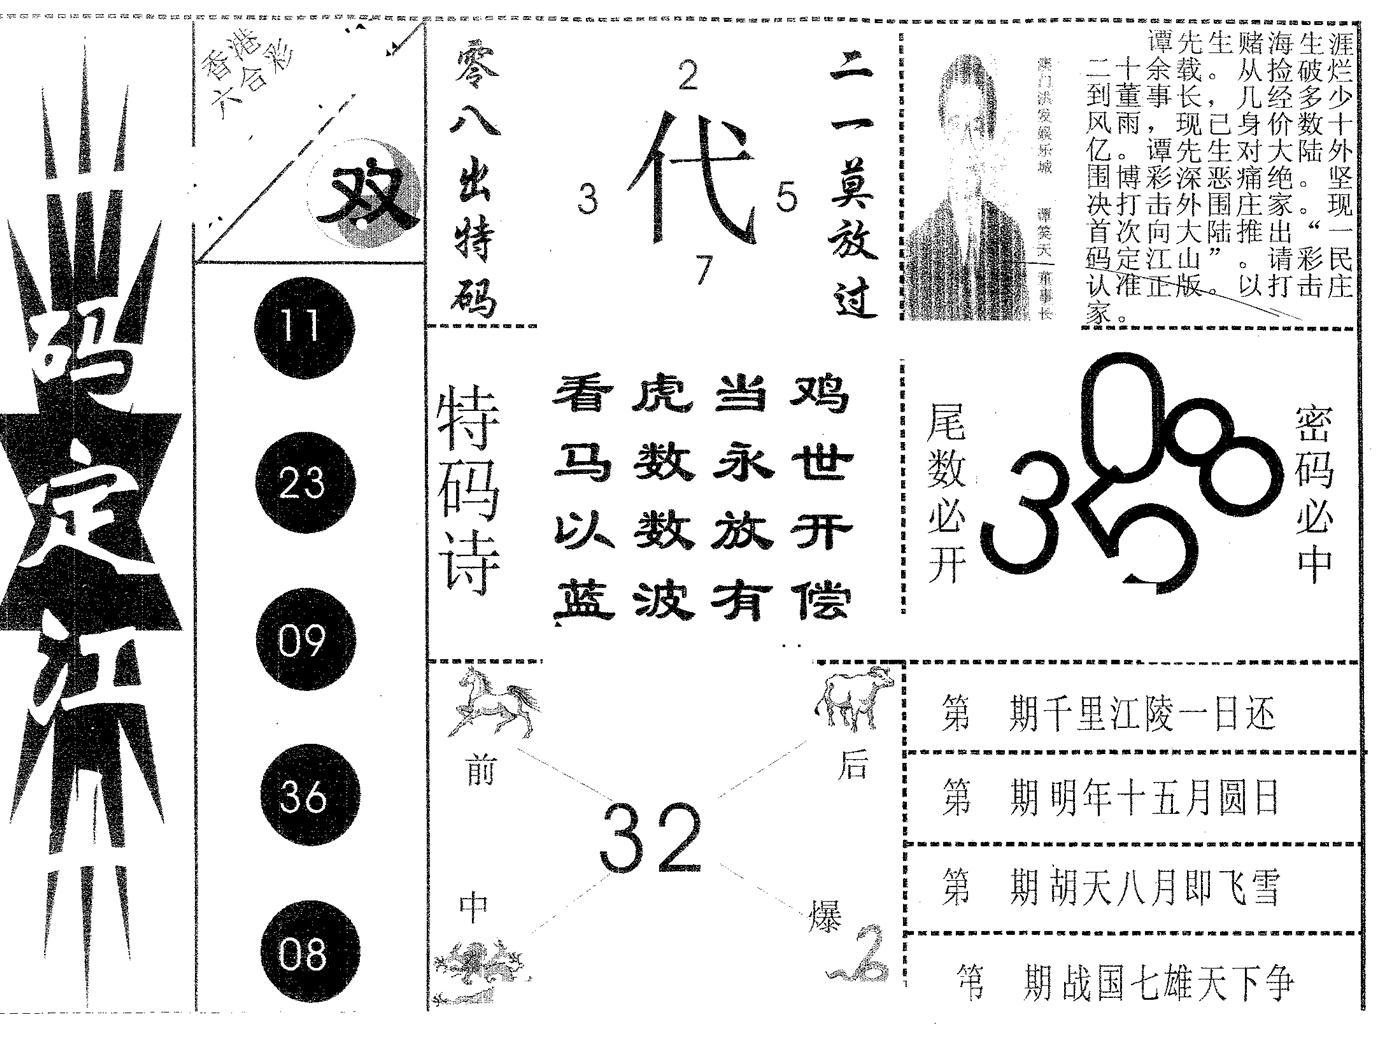 071期一码定江山(黑白)